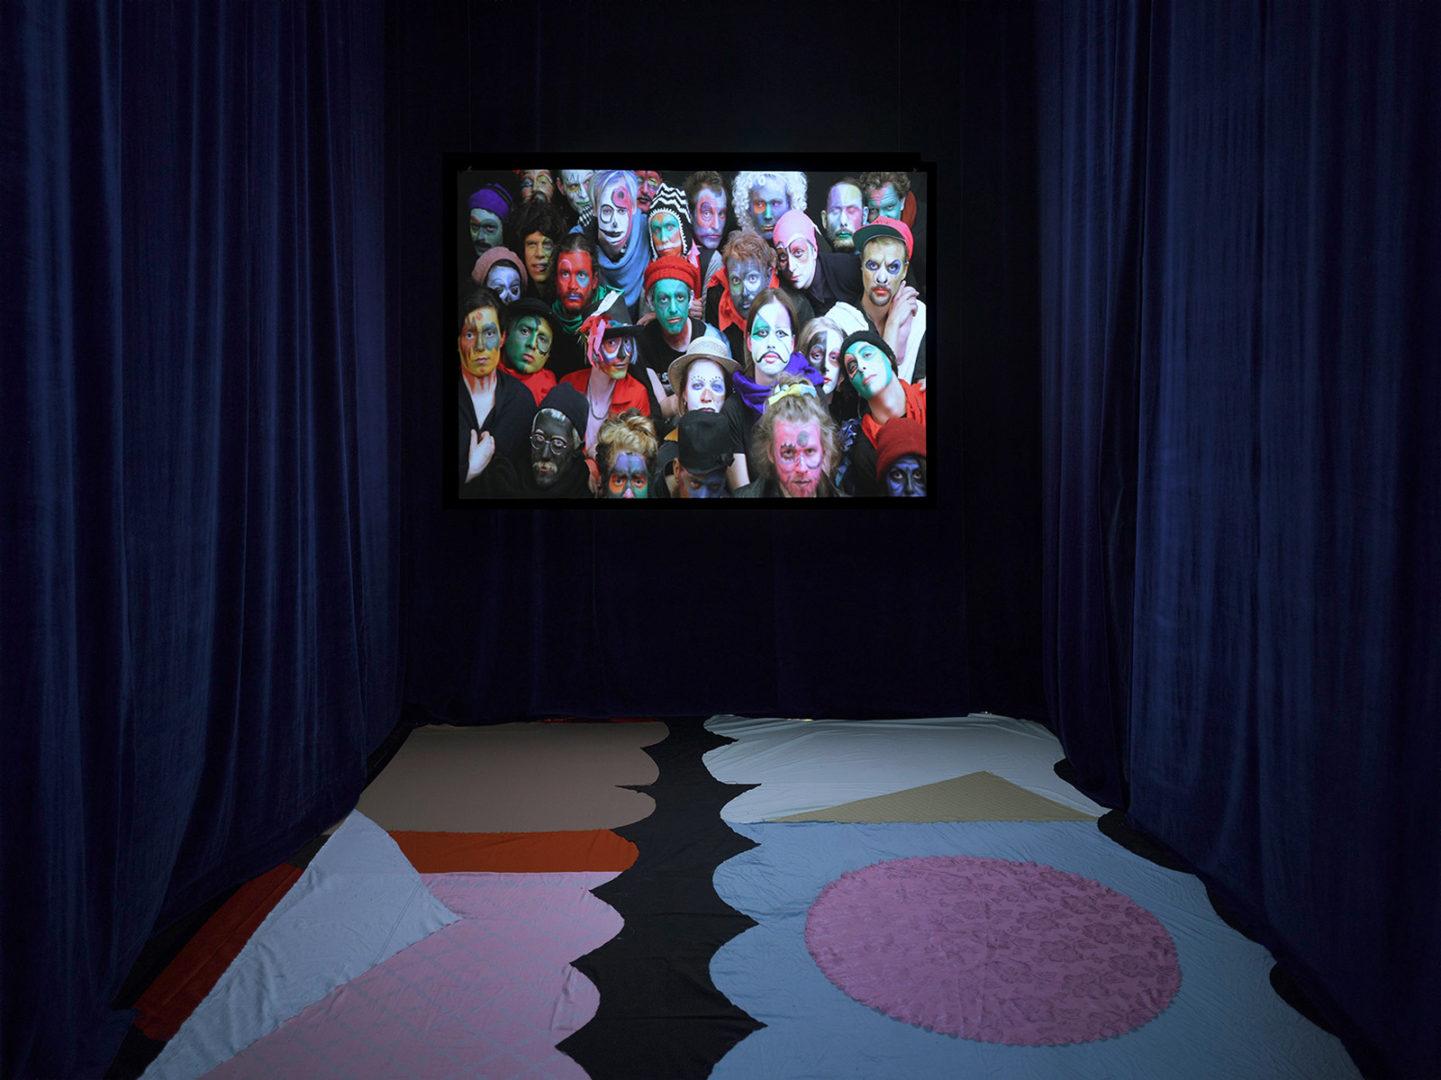 Installation view, Nur nicht mit beiden Beinen auf der Erde stehen, Galerie im Marstall, Ahrensburg, 2015